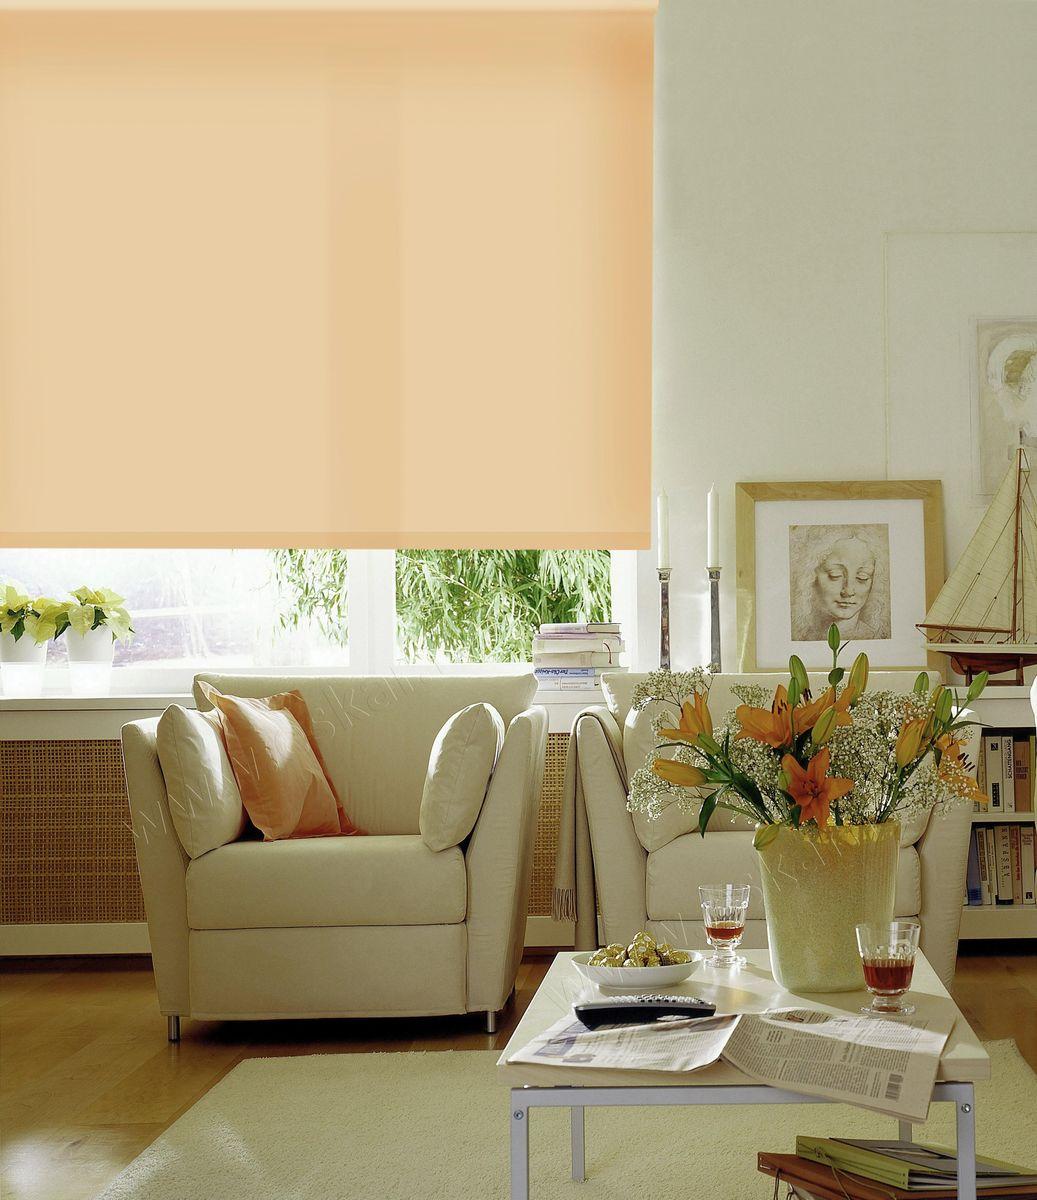 Штора рулонная Эскар, цвет: светло-абрикосовый, ширина 120 см, высота 170 см81112120170Рулонными шторами можно оформлять окна как самостоятельно, так и использовать в комбинации с портьерами. Это поможет предотвратить выгорание дорогой ткани на солнце и соединит функционал рулонных с красотой навесных.Преимущества применения рулонных штор для пластиковых окон:- имеют прекрасный внешний вид: многообразие и фактурность материала изделия отлично смотрятся в любом интерьере; - многофункциональны: есть возможность подобрать шторы способные эффективно защитить комнату от солнца, при этом о на не будет слишком темной. - Есть возможность осуществить быстрый монтаж. ВНИМАНИЕ! Размеры ширины изделия указаны по ширине ткани!Во время эксплуатации не рекомендуется полностью разматывать рулон, чтобы не оторвать ткань от намоточного вала.В случае загрязнения поверхности ткани, чистку шторы проводят одним из способов, в зависимости от типа загрязнения: легкое поверхностное загрязнение можно удалить при помощи канцелярского ластика; чистка от пыли производится сухим методом при помощи пылесоса с мягкой щеткой-насадкой; для удаления пятна используйте мягкую губку с пенообразующим неагрессивным моющим средством или пятновыводитель на натуральной основе (нельзя применять растворители).